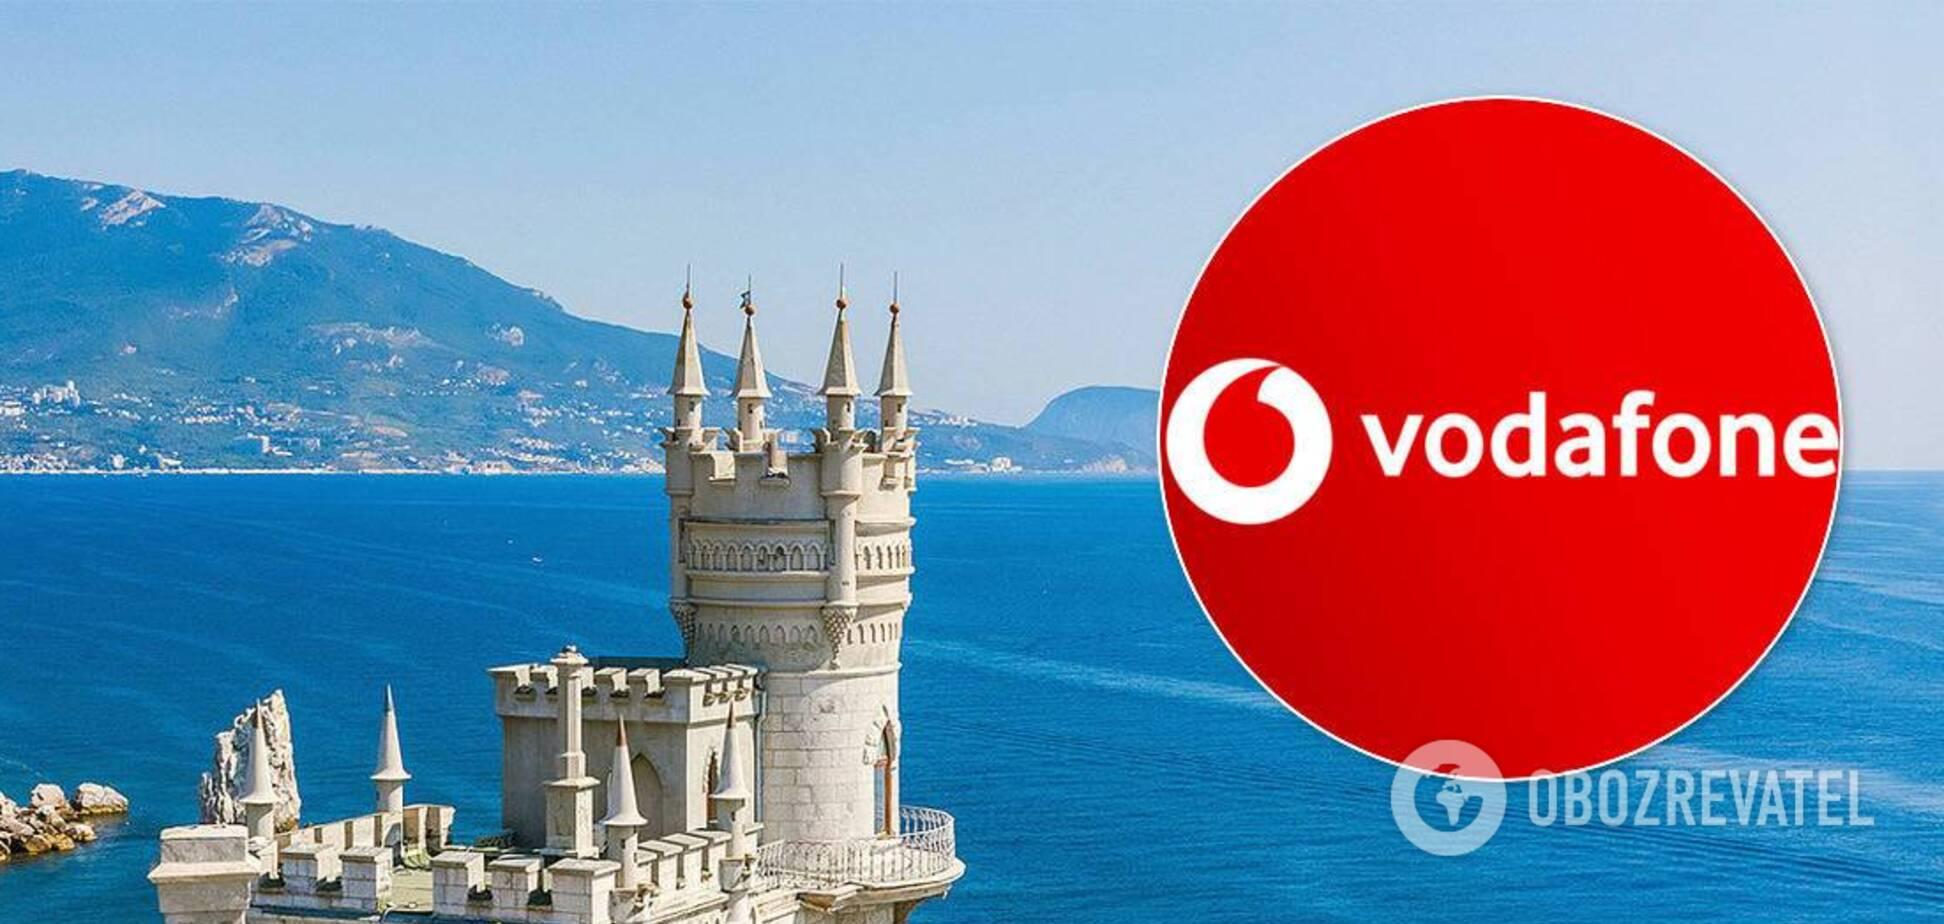 Український Vodafone викрили у прийомі платежів із Криму